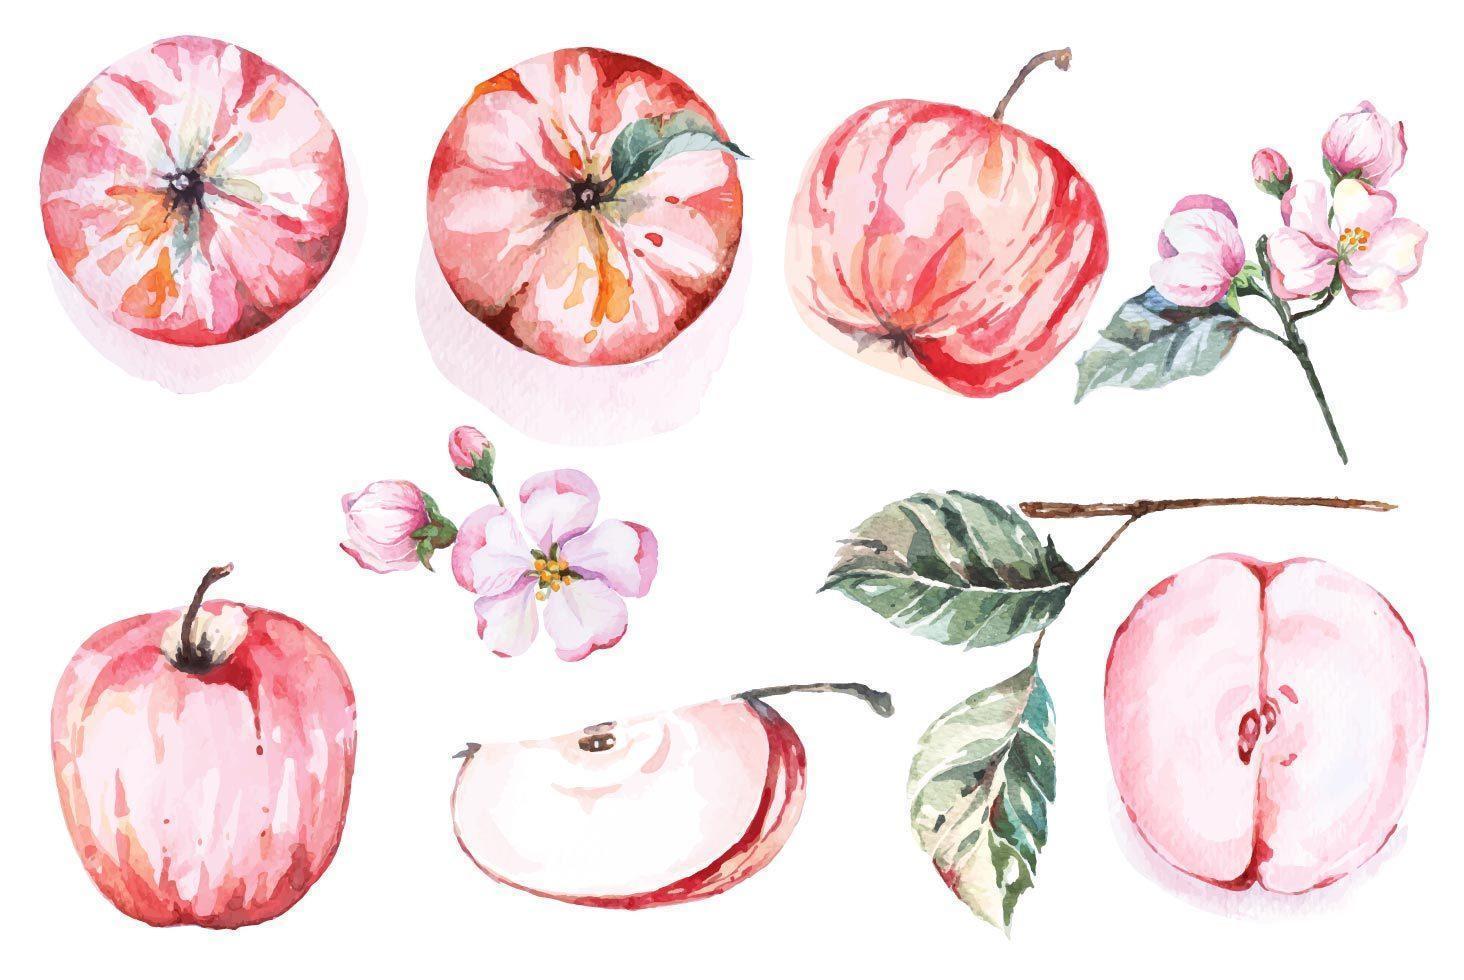 insieme della mela rossa disegnata a mano dell'acquerello vettore